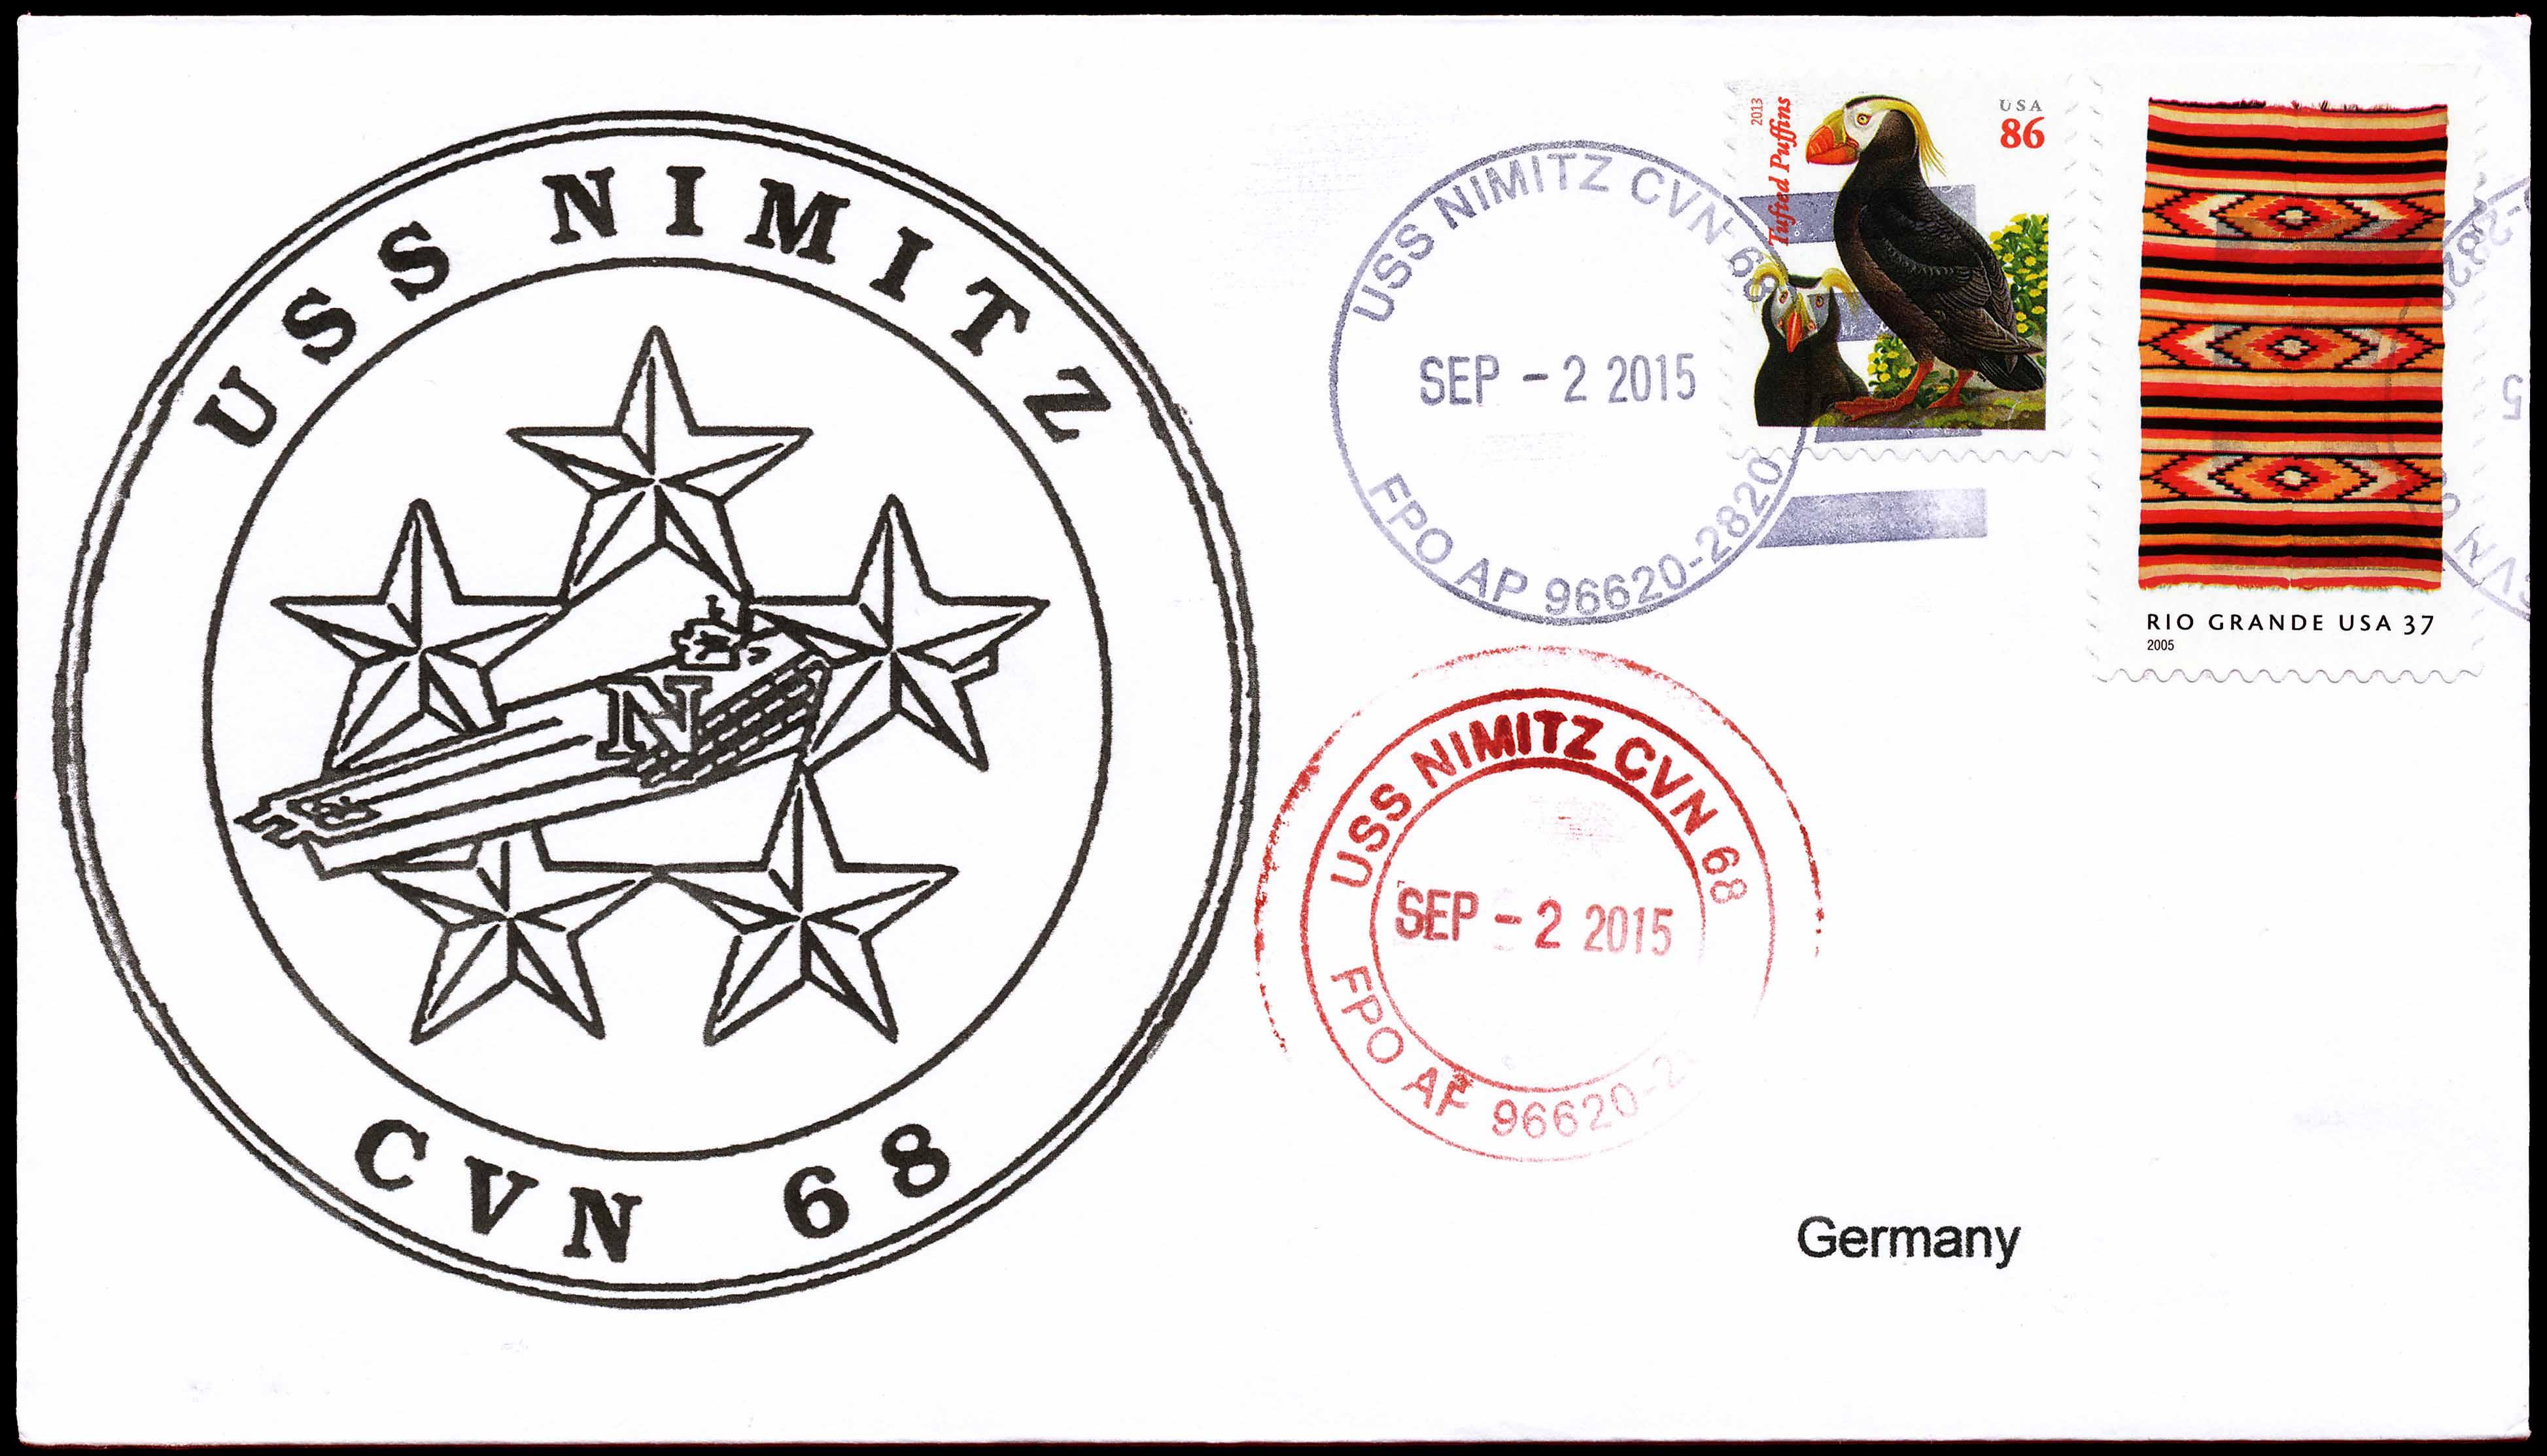 Beleg USS NIMITZ CVN-68 vom 02.09.2015 von Wolfgang Hechler